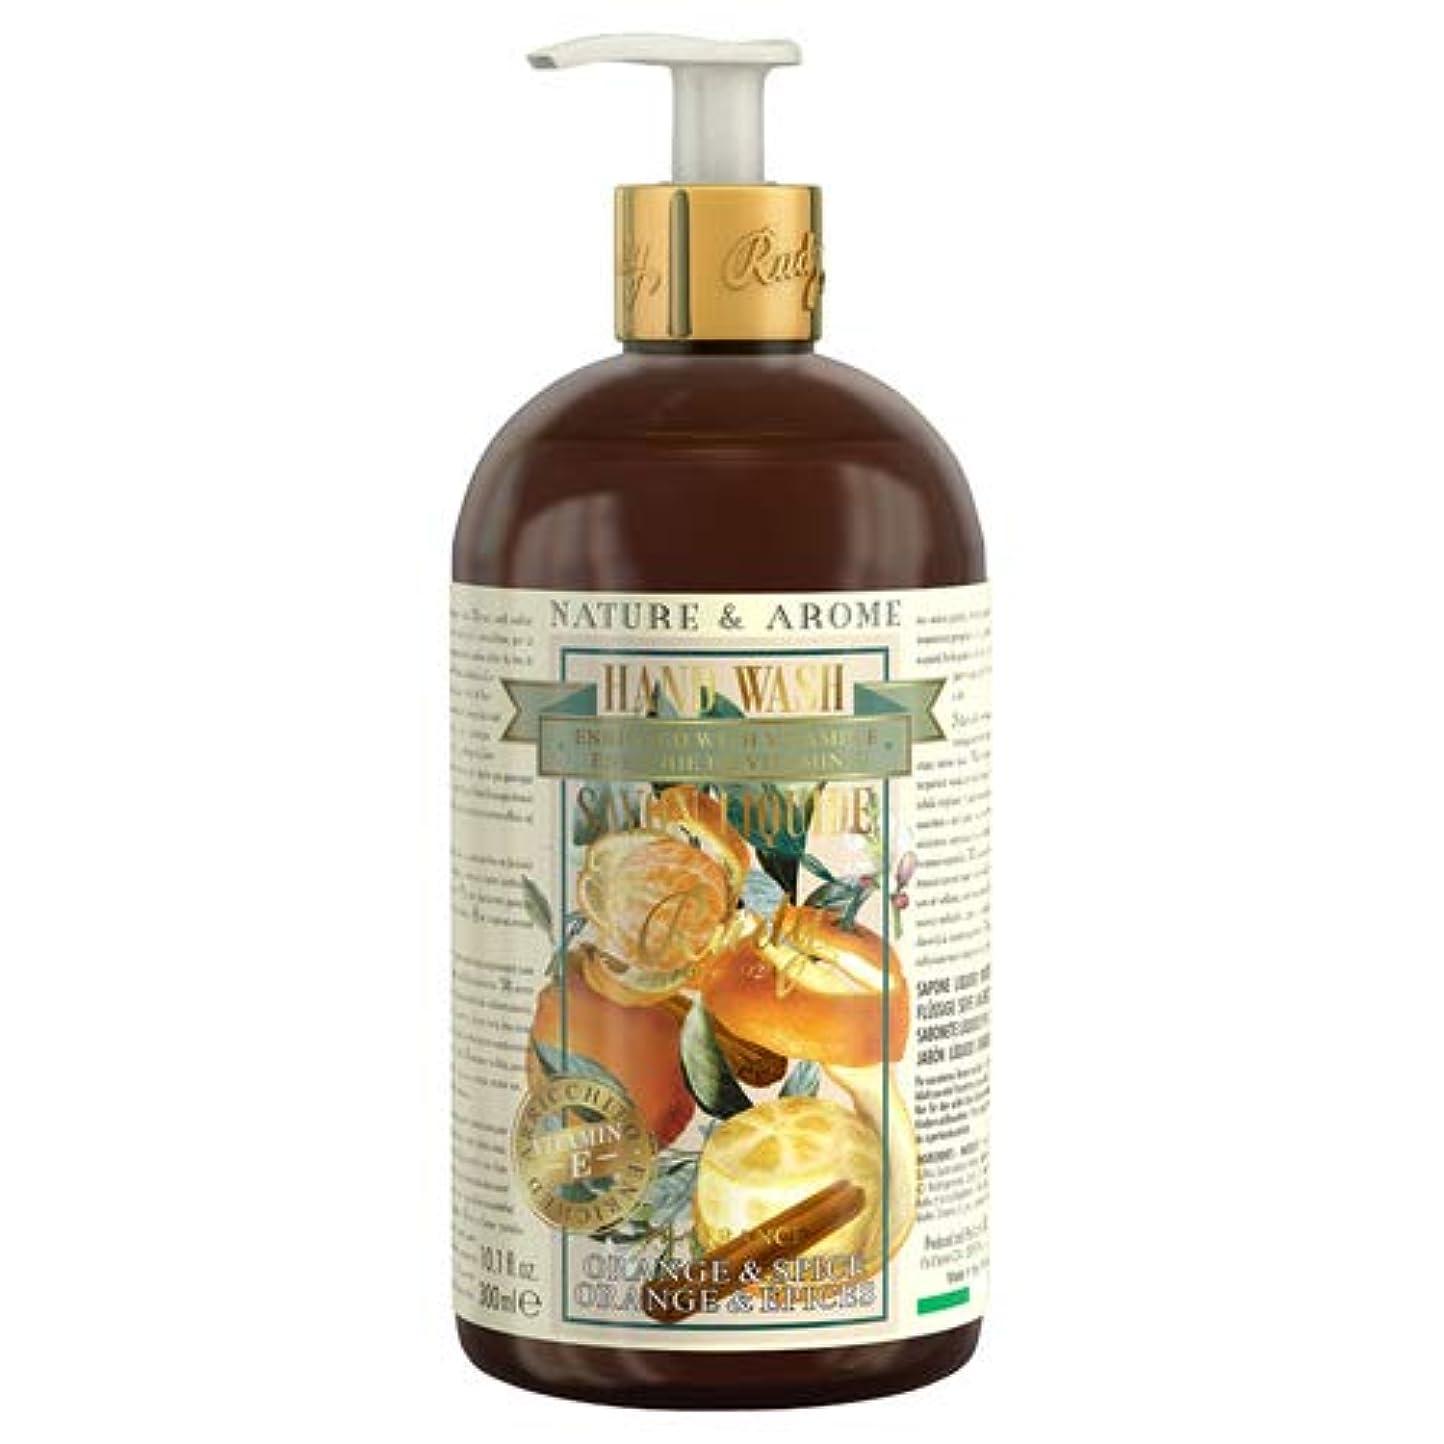 捧げるワンダーカメルディ(Rudy) RUDY Nature&Arome Apothecary ネイチャーアロマ アポセカリー Hand Wash ハンドウォッシュ(ボディソープ) Orange & Spice オレンジ&スパイス